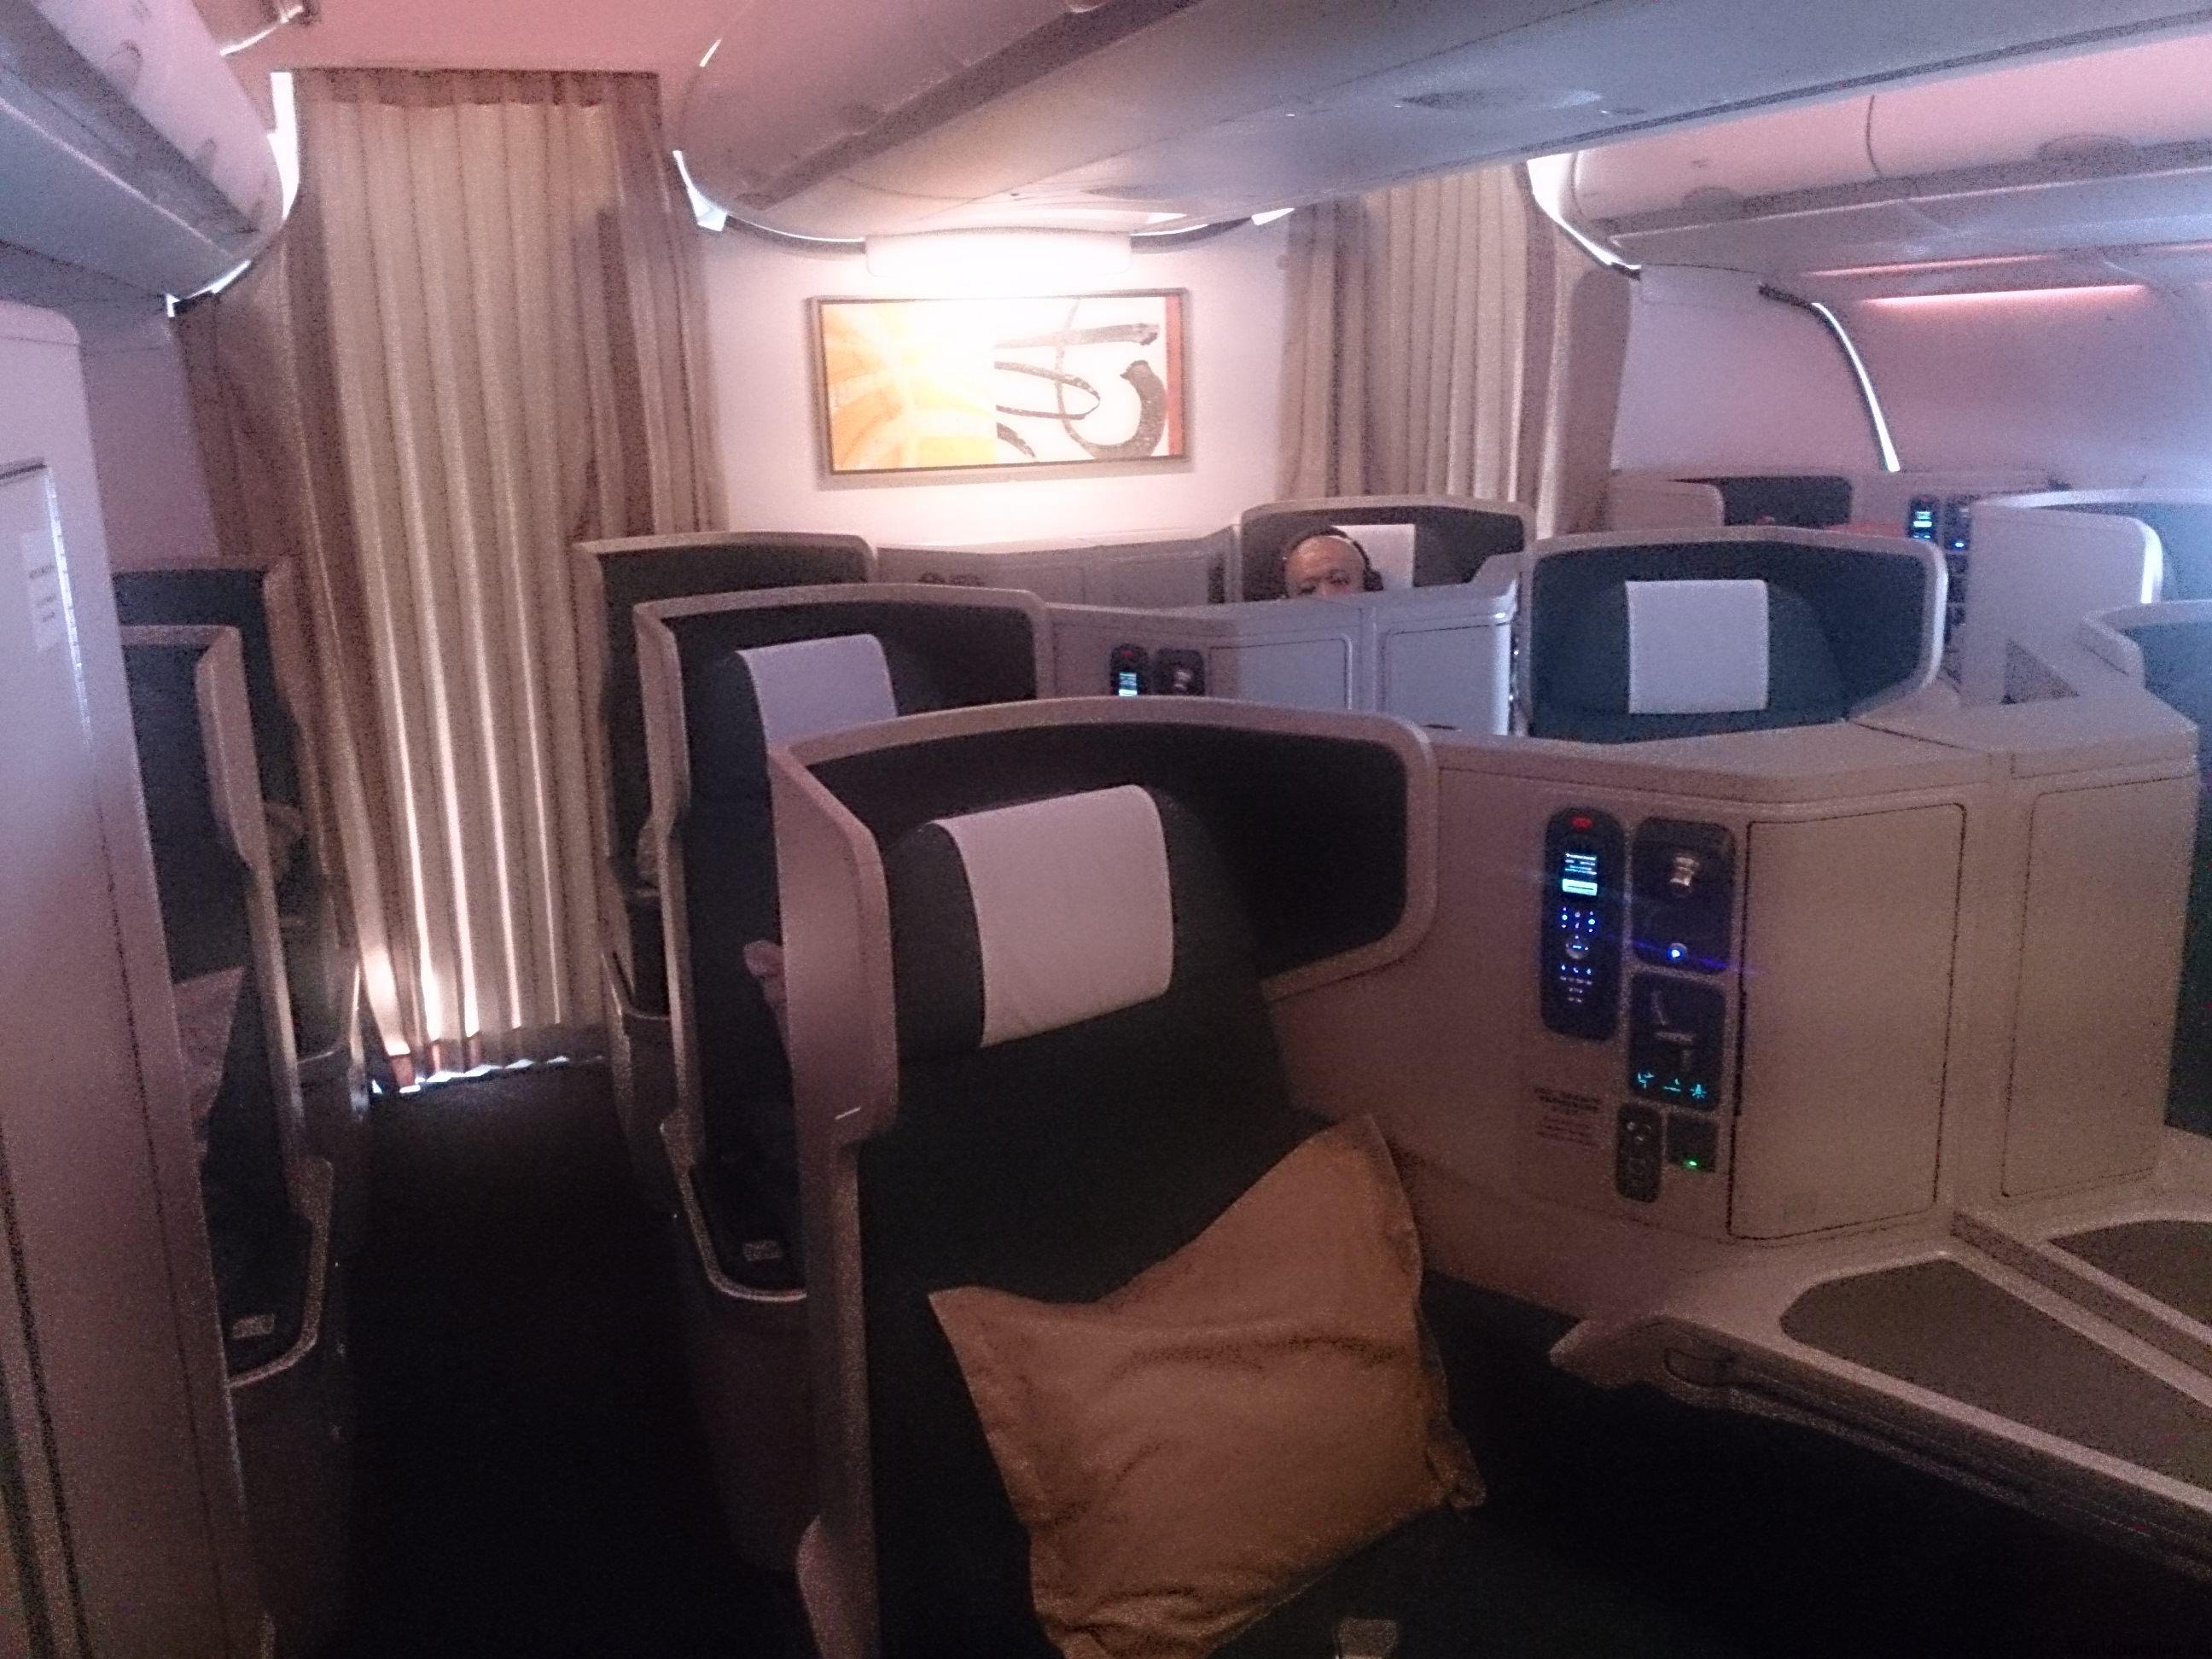 A330-300 (33G) 初めてのBコン ビジネスクラスでジャカルタへ CX719